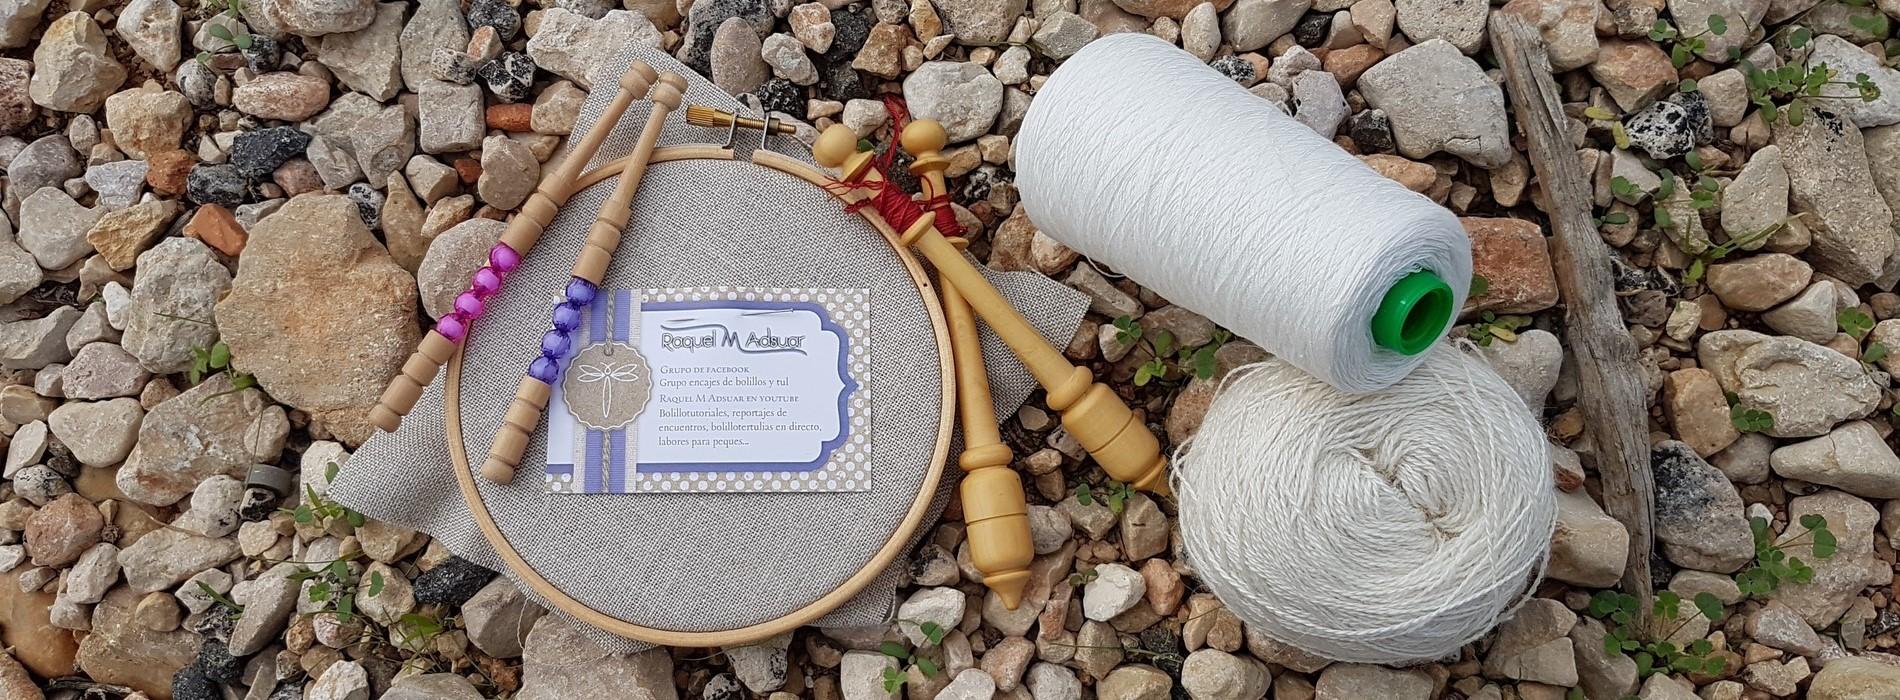 Material para la elaboración de encajes sobre las piedras de de playa de Denia